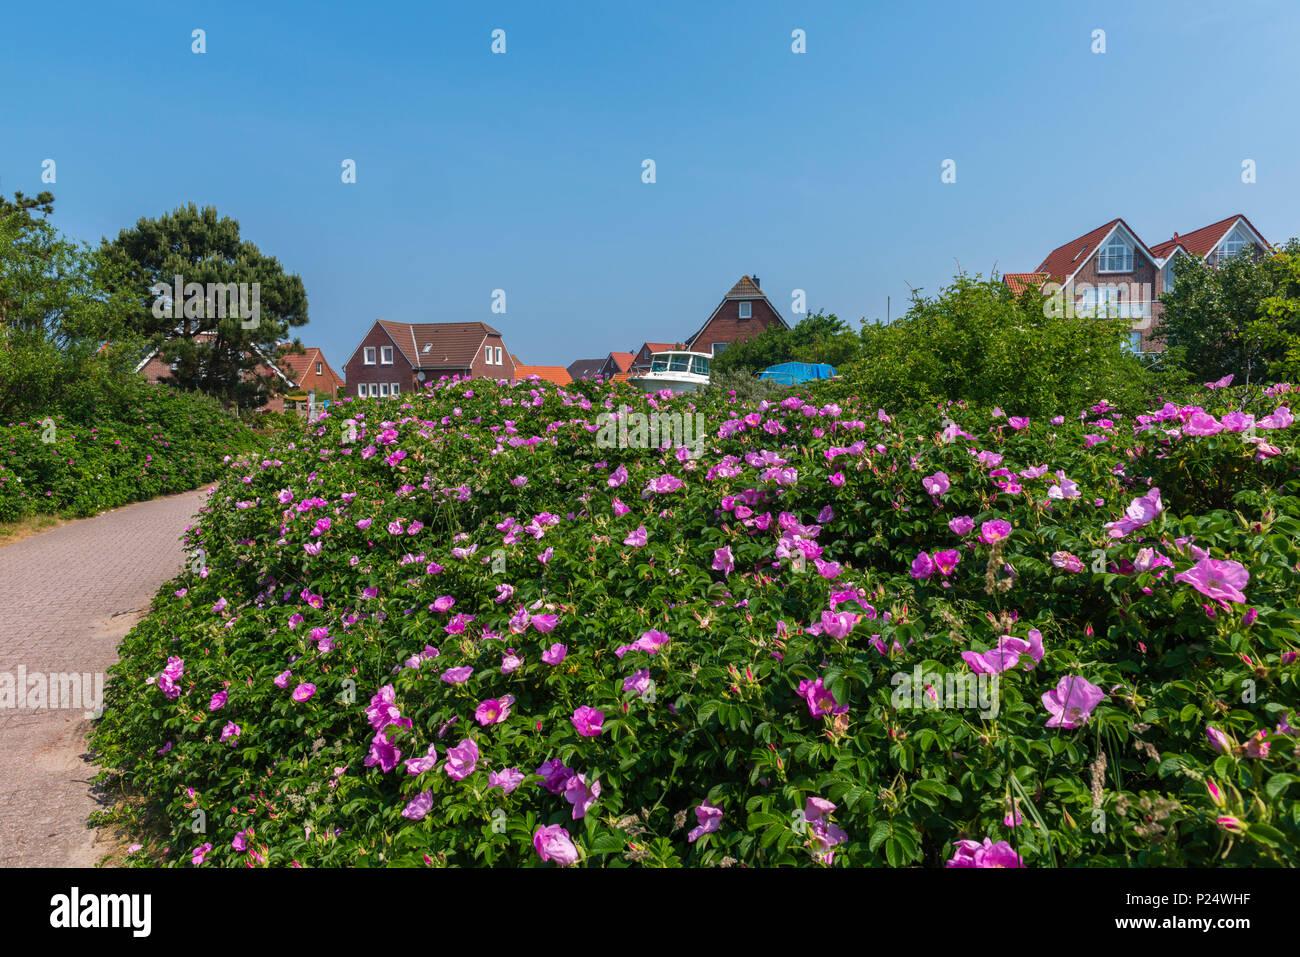 Apartmenthäuser, Baltrum, Ostfriesland, Niedersachsen, Deutschland Stockbild